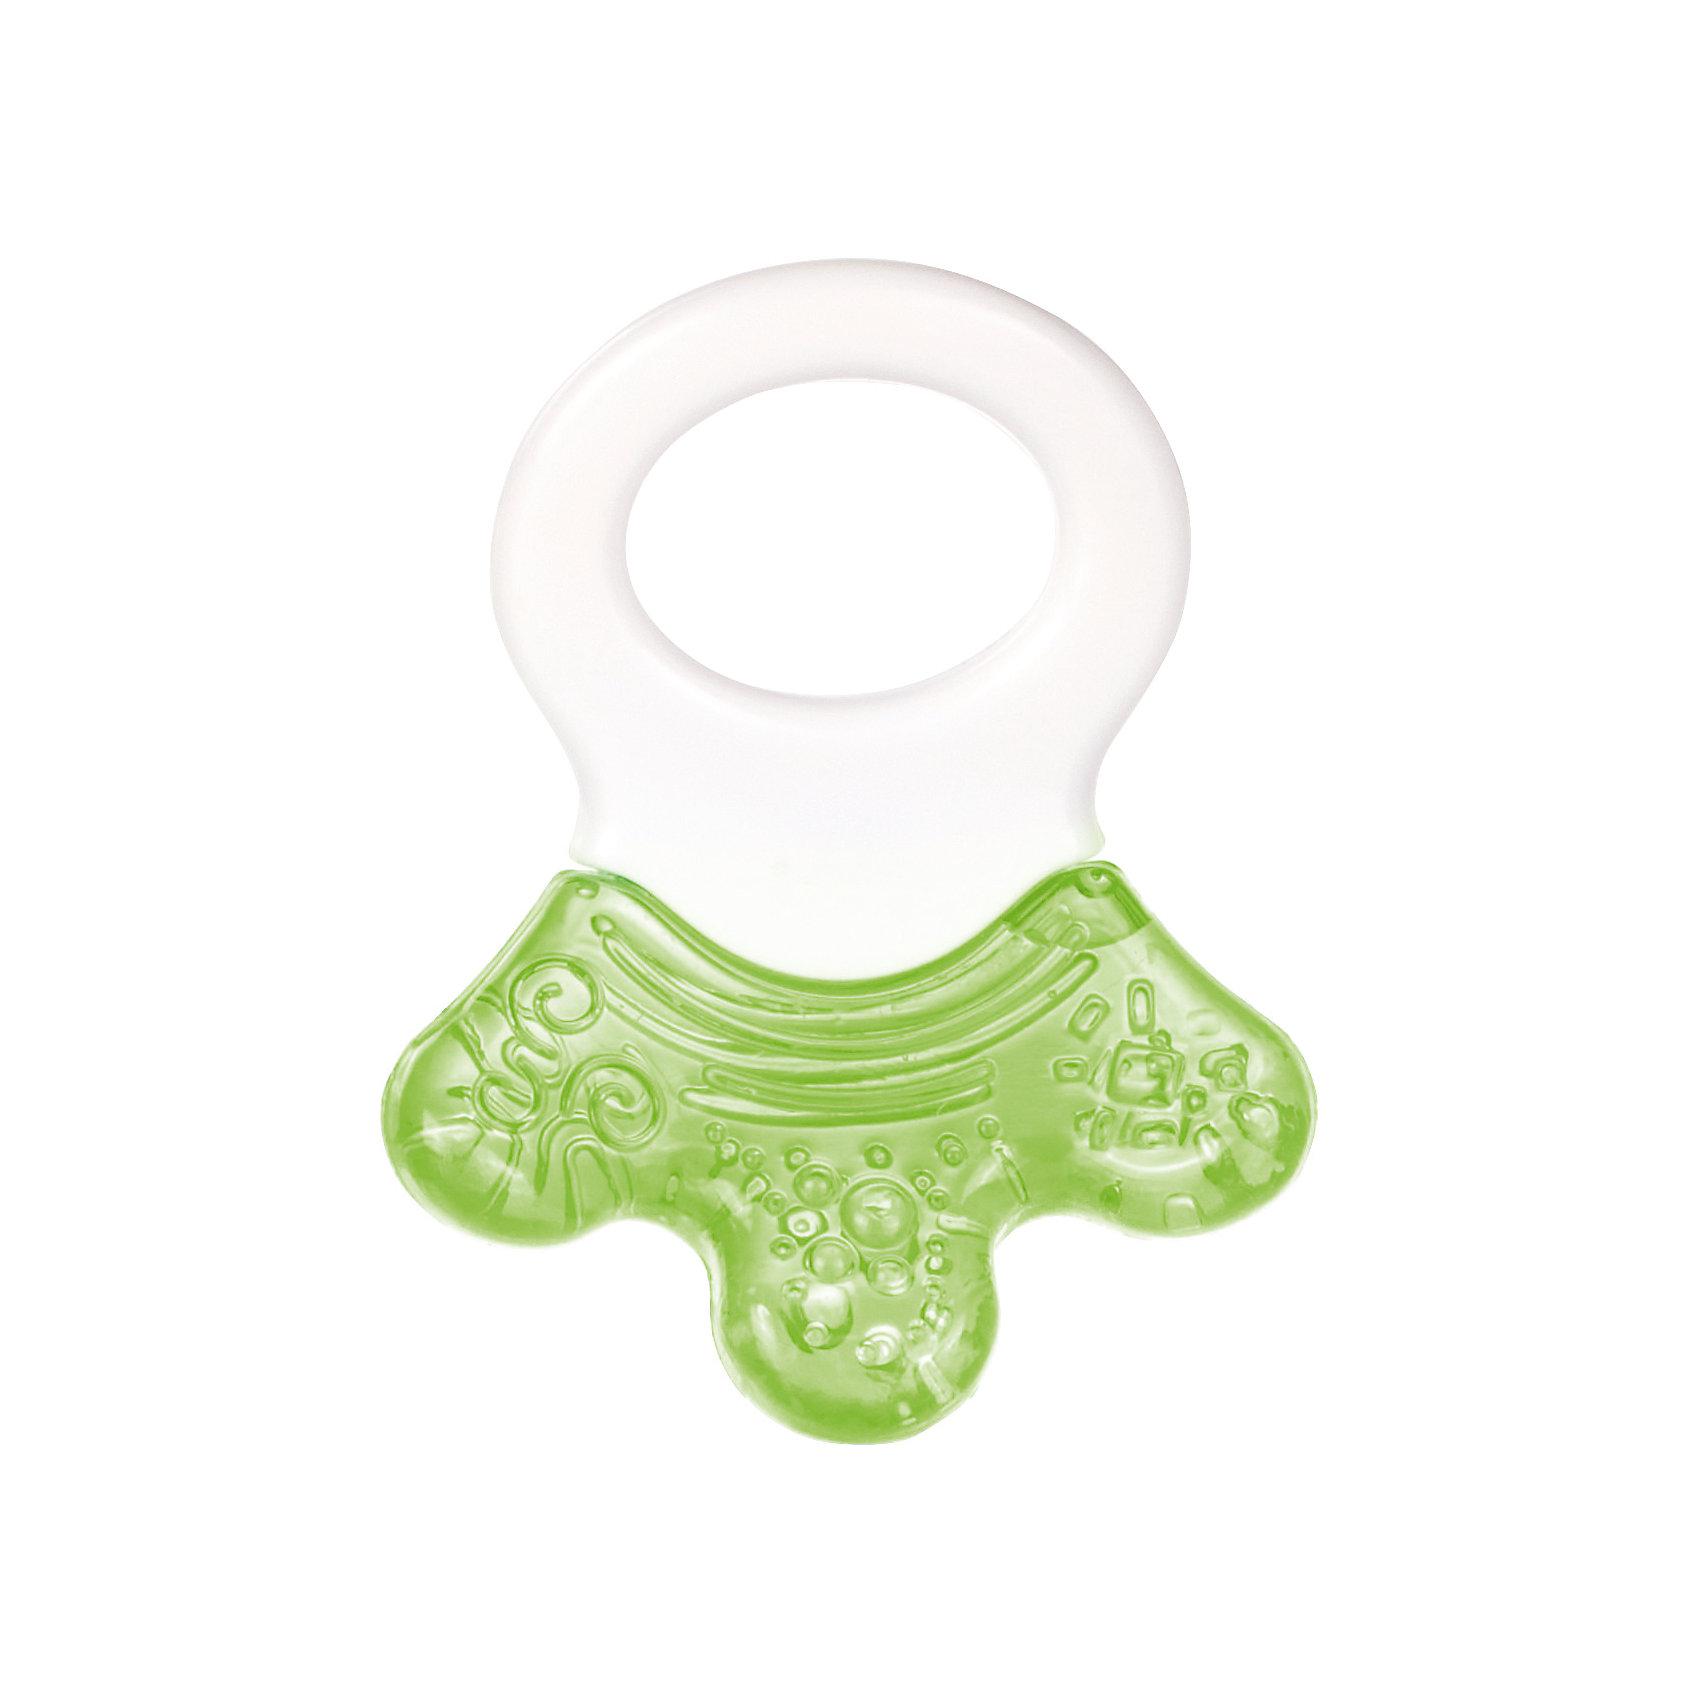 Прорезыватель водный с погремушкой - Лапка, 0+, Canpol Babies, зеленыйПрорезыватели<br>Прорезыватель водный с погремушкой - Лапка, 0+, Canpol Babies ( Канпол Бейбис), зеленый.<br>Характеристики:<br>• облегчает боль и снимает зуд<br>• изготовлен из безопасных материалов<br>• наполнен дистиллированной водой<br>• материал: пластик, силикон, вода<br><br>Прорезыватель водный с погремушкой - Лапка, 0+, Canpol Babies ( Канпол Бейбис), изготовлен из силикона, полностью безопасного для ребенка. Цвет- зеленый. Внутри находится дистиллированная вода, с помощью которой вы сможете охладить прорезыватель, положив его в холодильник. Прохладная игрушка снимет зуд и сведет к минимуму неприятные ощущения в деснах. Удобная ручка-погремушка, изготовленная из пластика, позволит крохе держать прорезыватель самостоятельно. Ребристая поверхность будет нежно массажировать десны ребенка. С этим прорезывателем вы сможете облегчить тяжелый период в жизни крохи!<br><br>Прорезыватель водный с погремушкой - Лапка, 0+, Canpol Babies ( Канпол Бейби), зеленый можно купить в нашем интернет – магазине.<br><br>Ширина мм: 115<br>Глубина мм: 30<br>Высота мм: 185<br>Вес г: 370<br>Возраст от месяцев: 0<br>Возраст до месяцев: 18<br>Пол: Унисекс<br>Возраст: Детский<br>SKU: 5156777